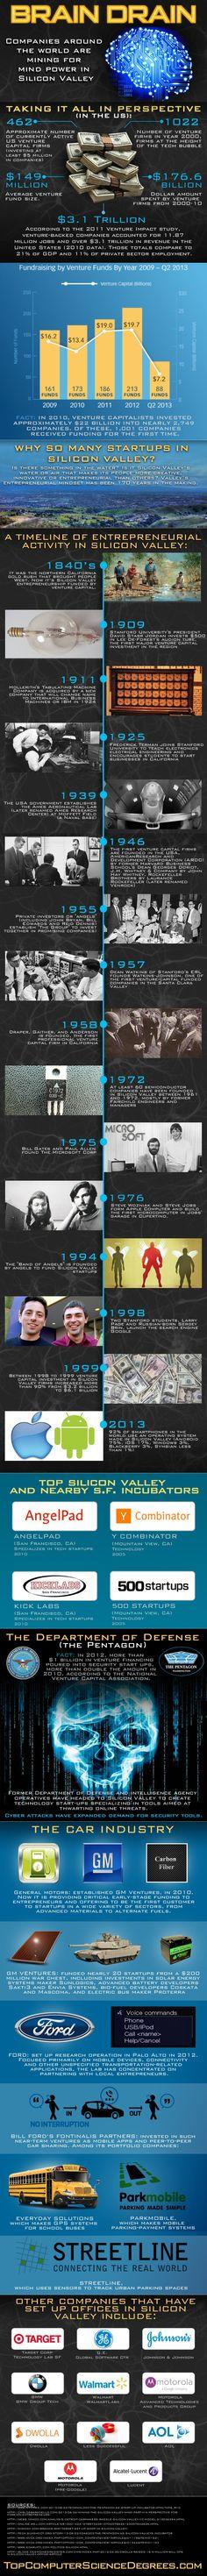 Emprendedores en Silicon Valley #infografia #infographic #entrepreneurship